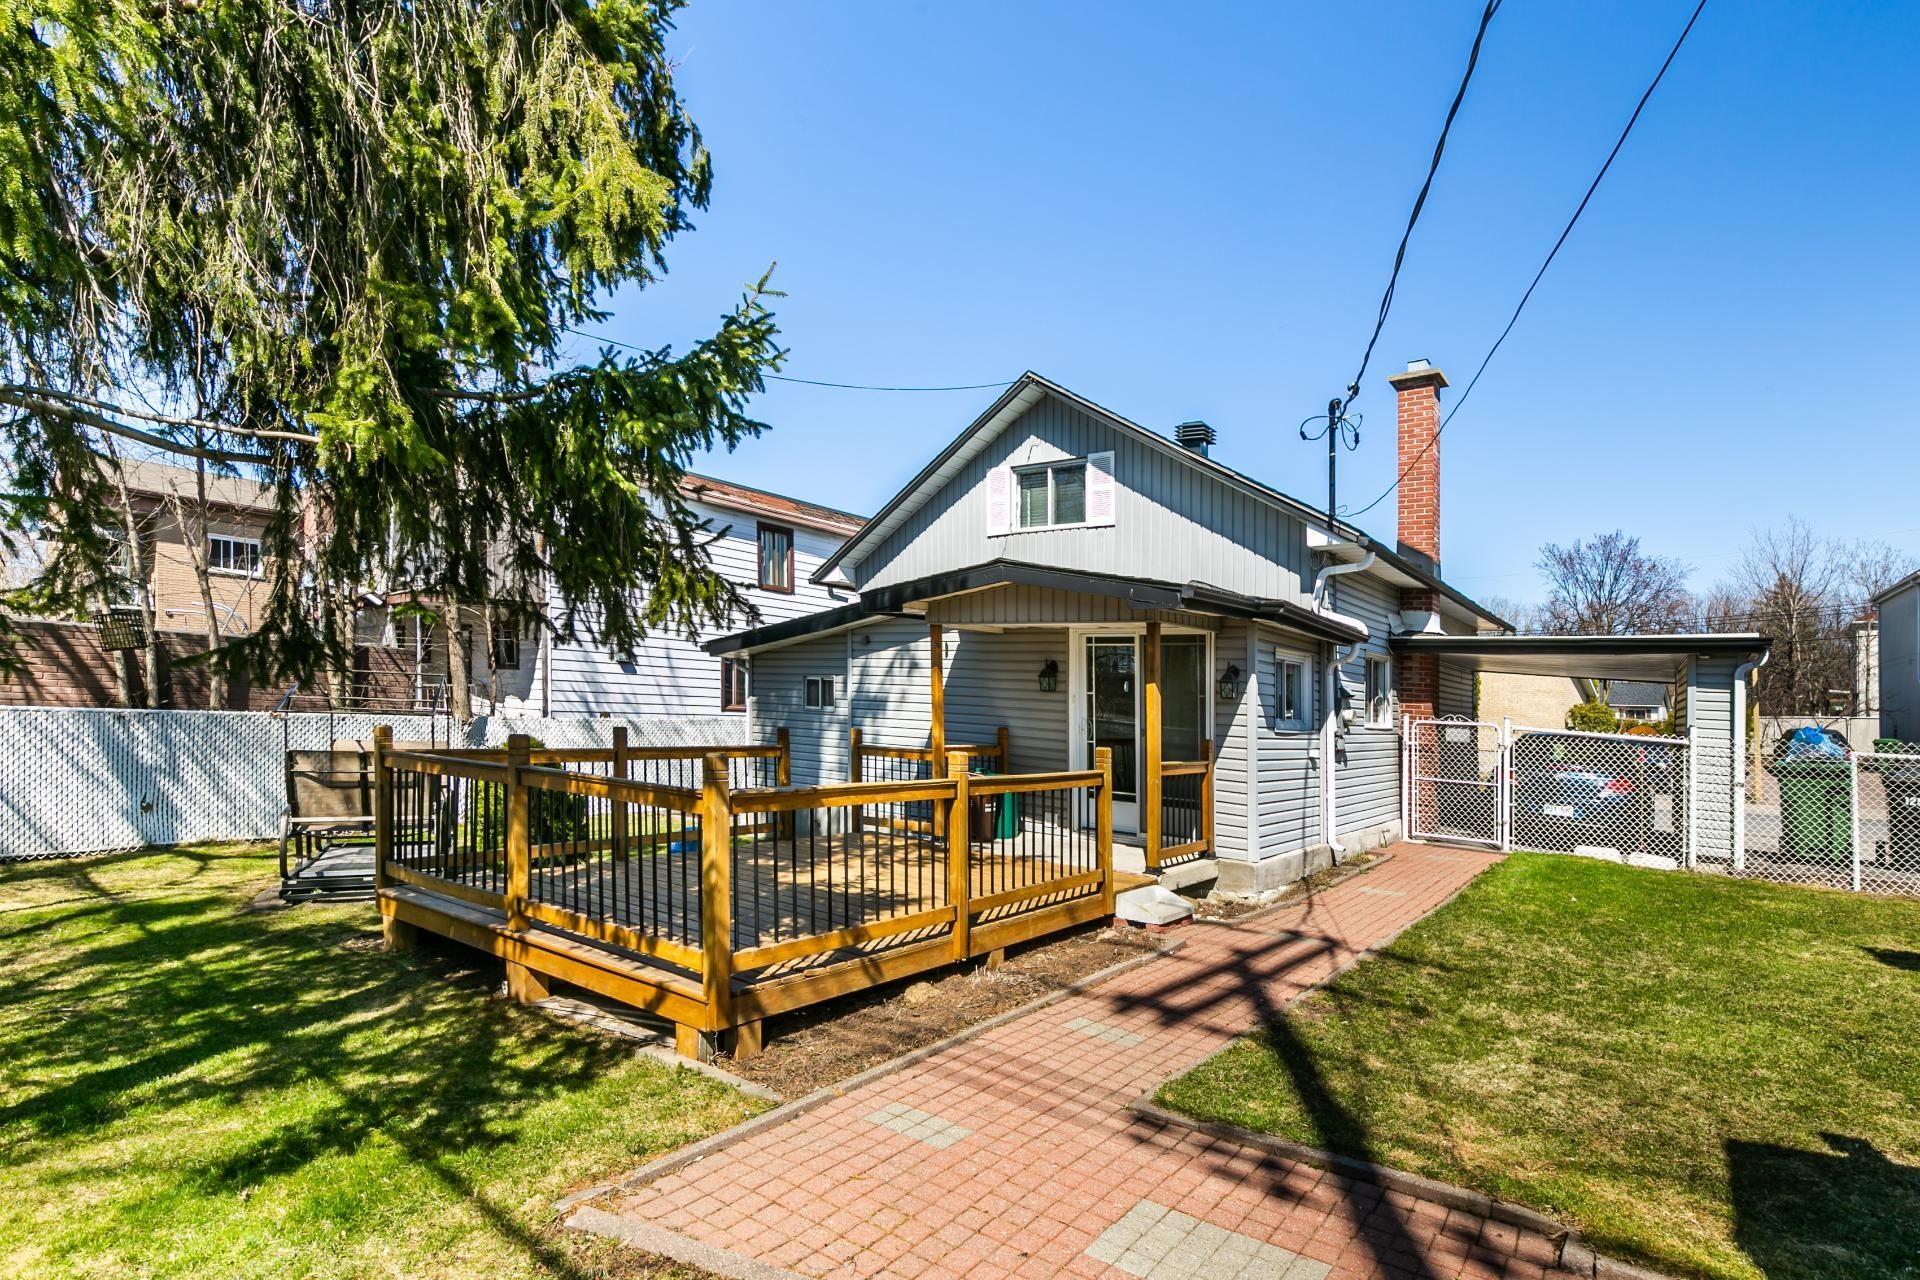 image 23 - Maison À vendre Rivière-des-Prairies/Pointe-aux-Trembles Montréal  - 7 pièces